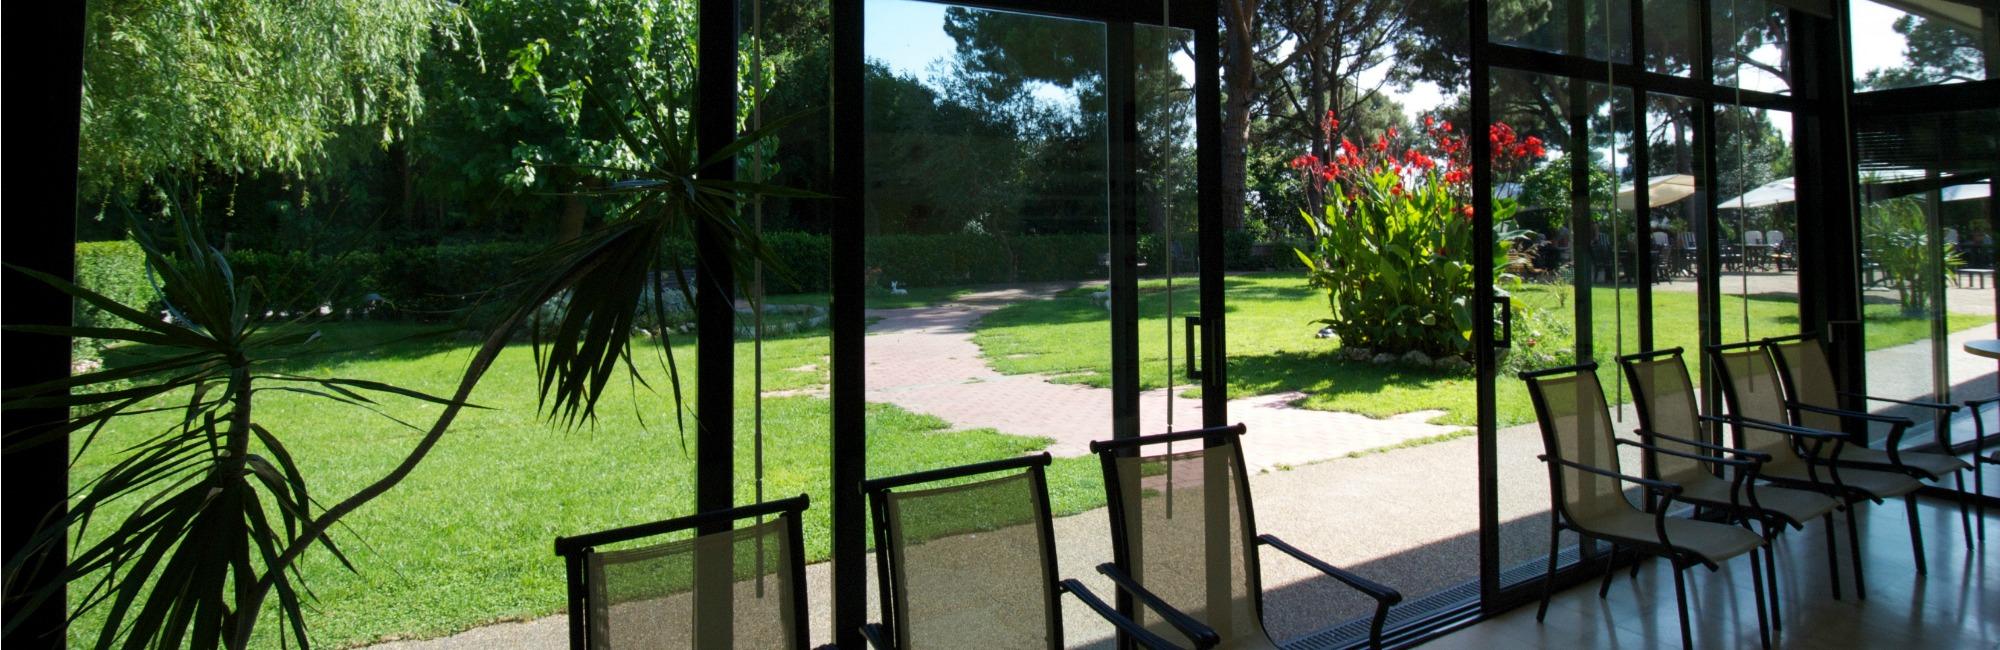 vista jardin residencia putxet